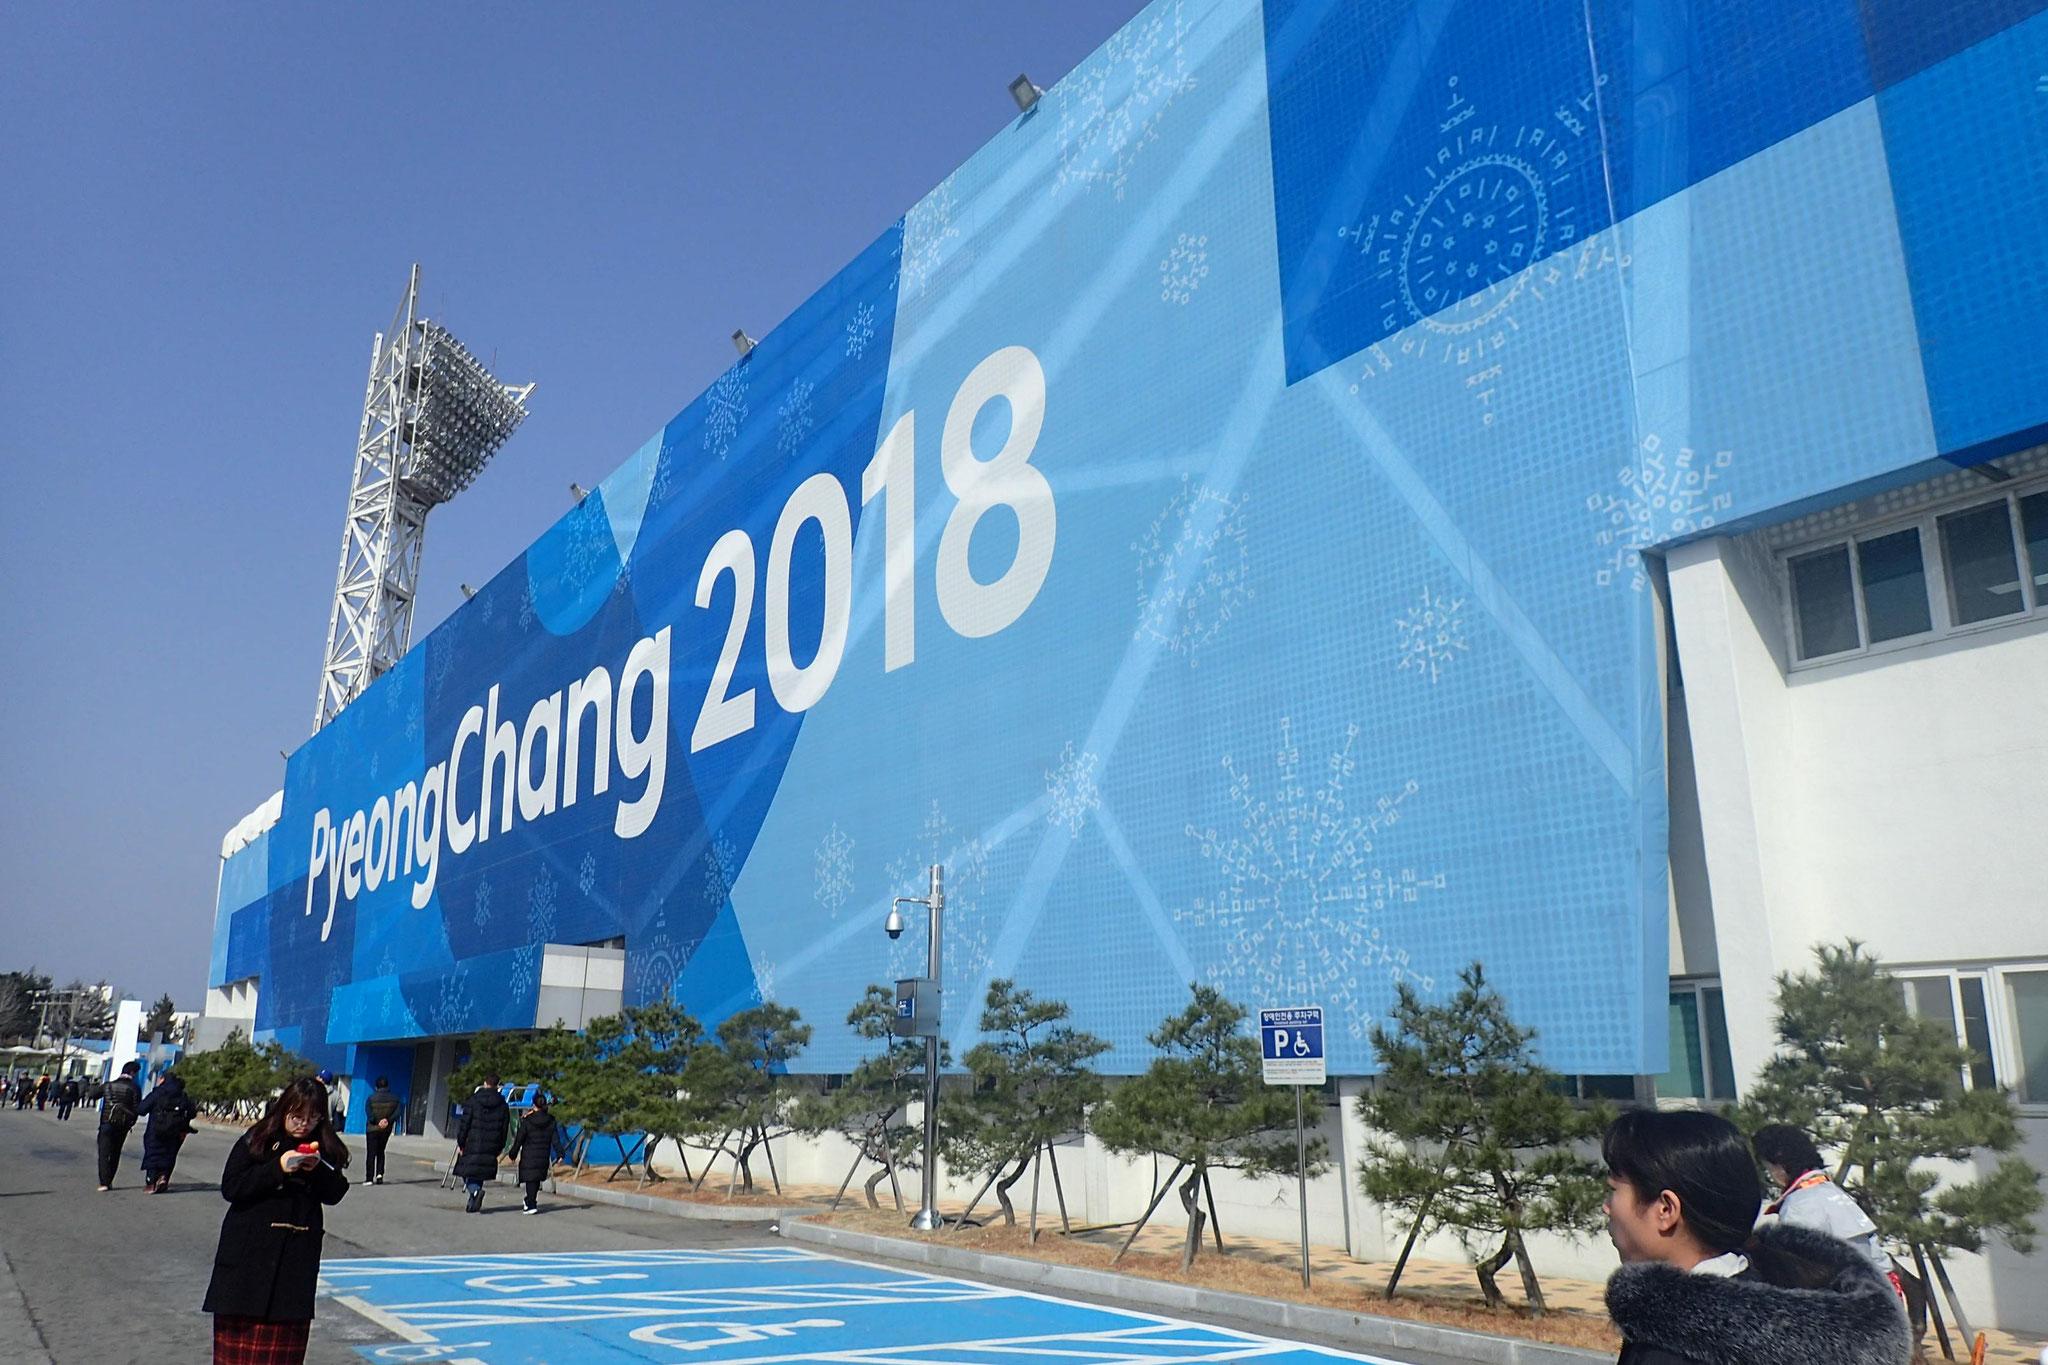 オリンピックパーク内のハード・ソフト面を調査しました